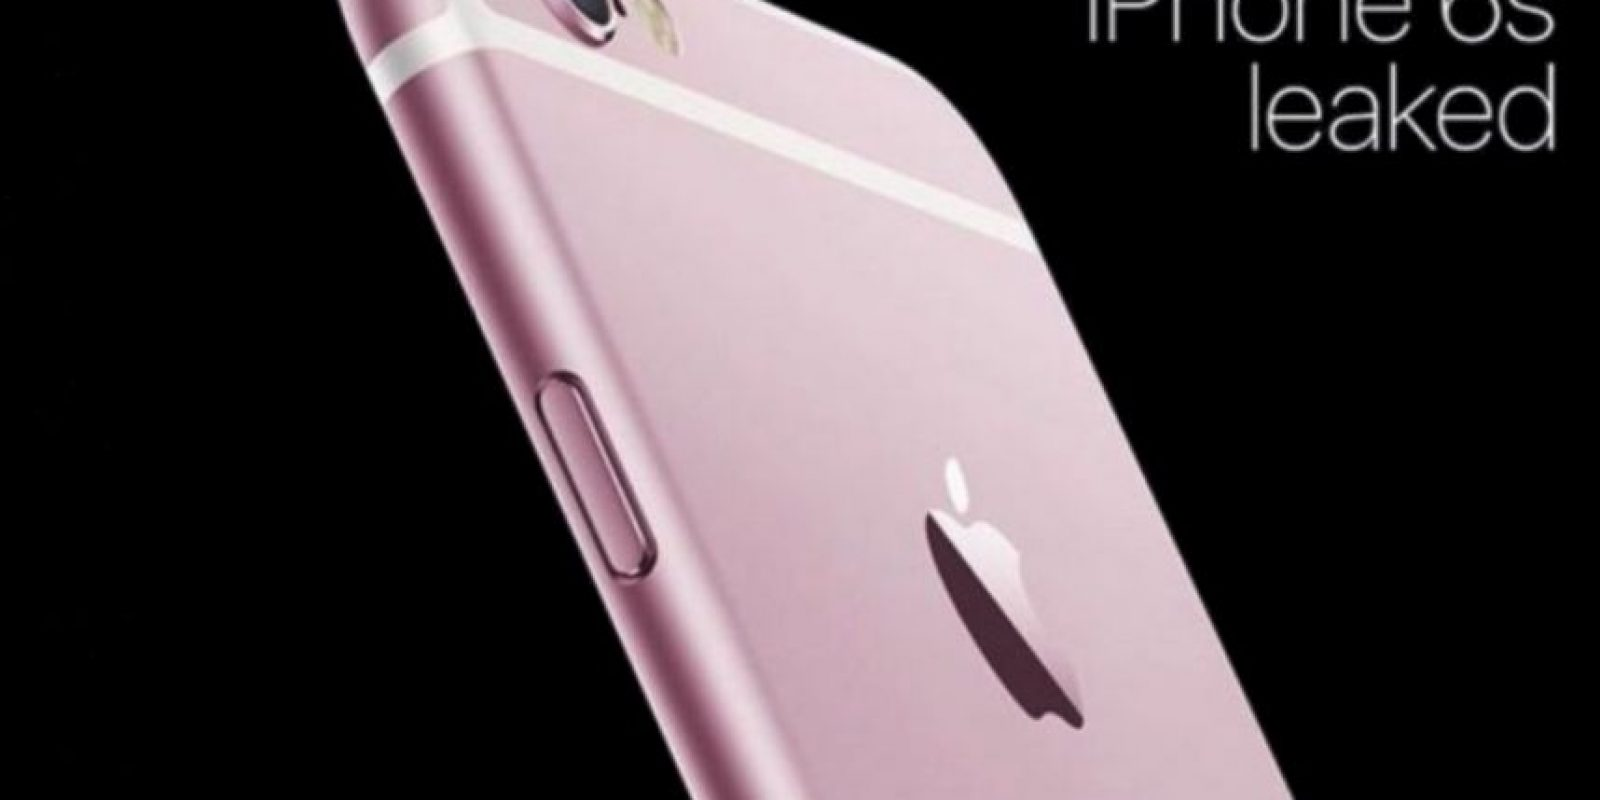 Los rumores dicen que podría estar disponible en color rosa Foto:Twitter